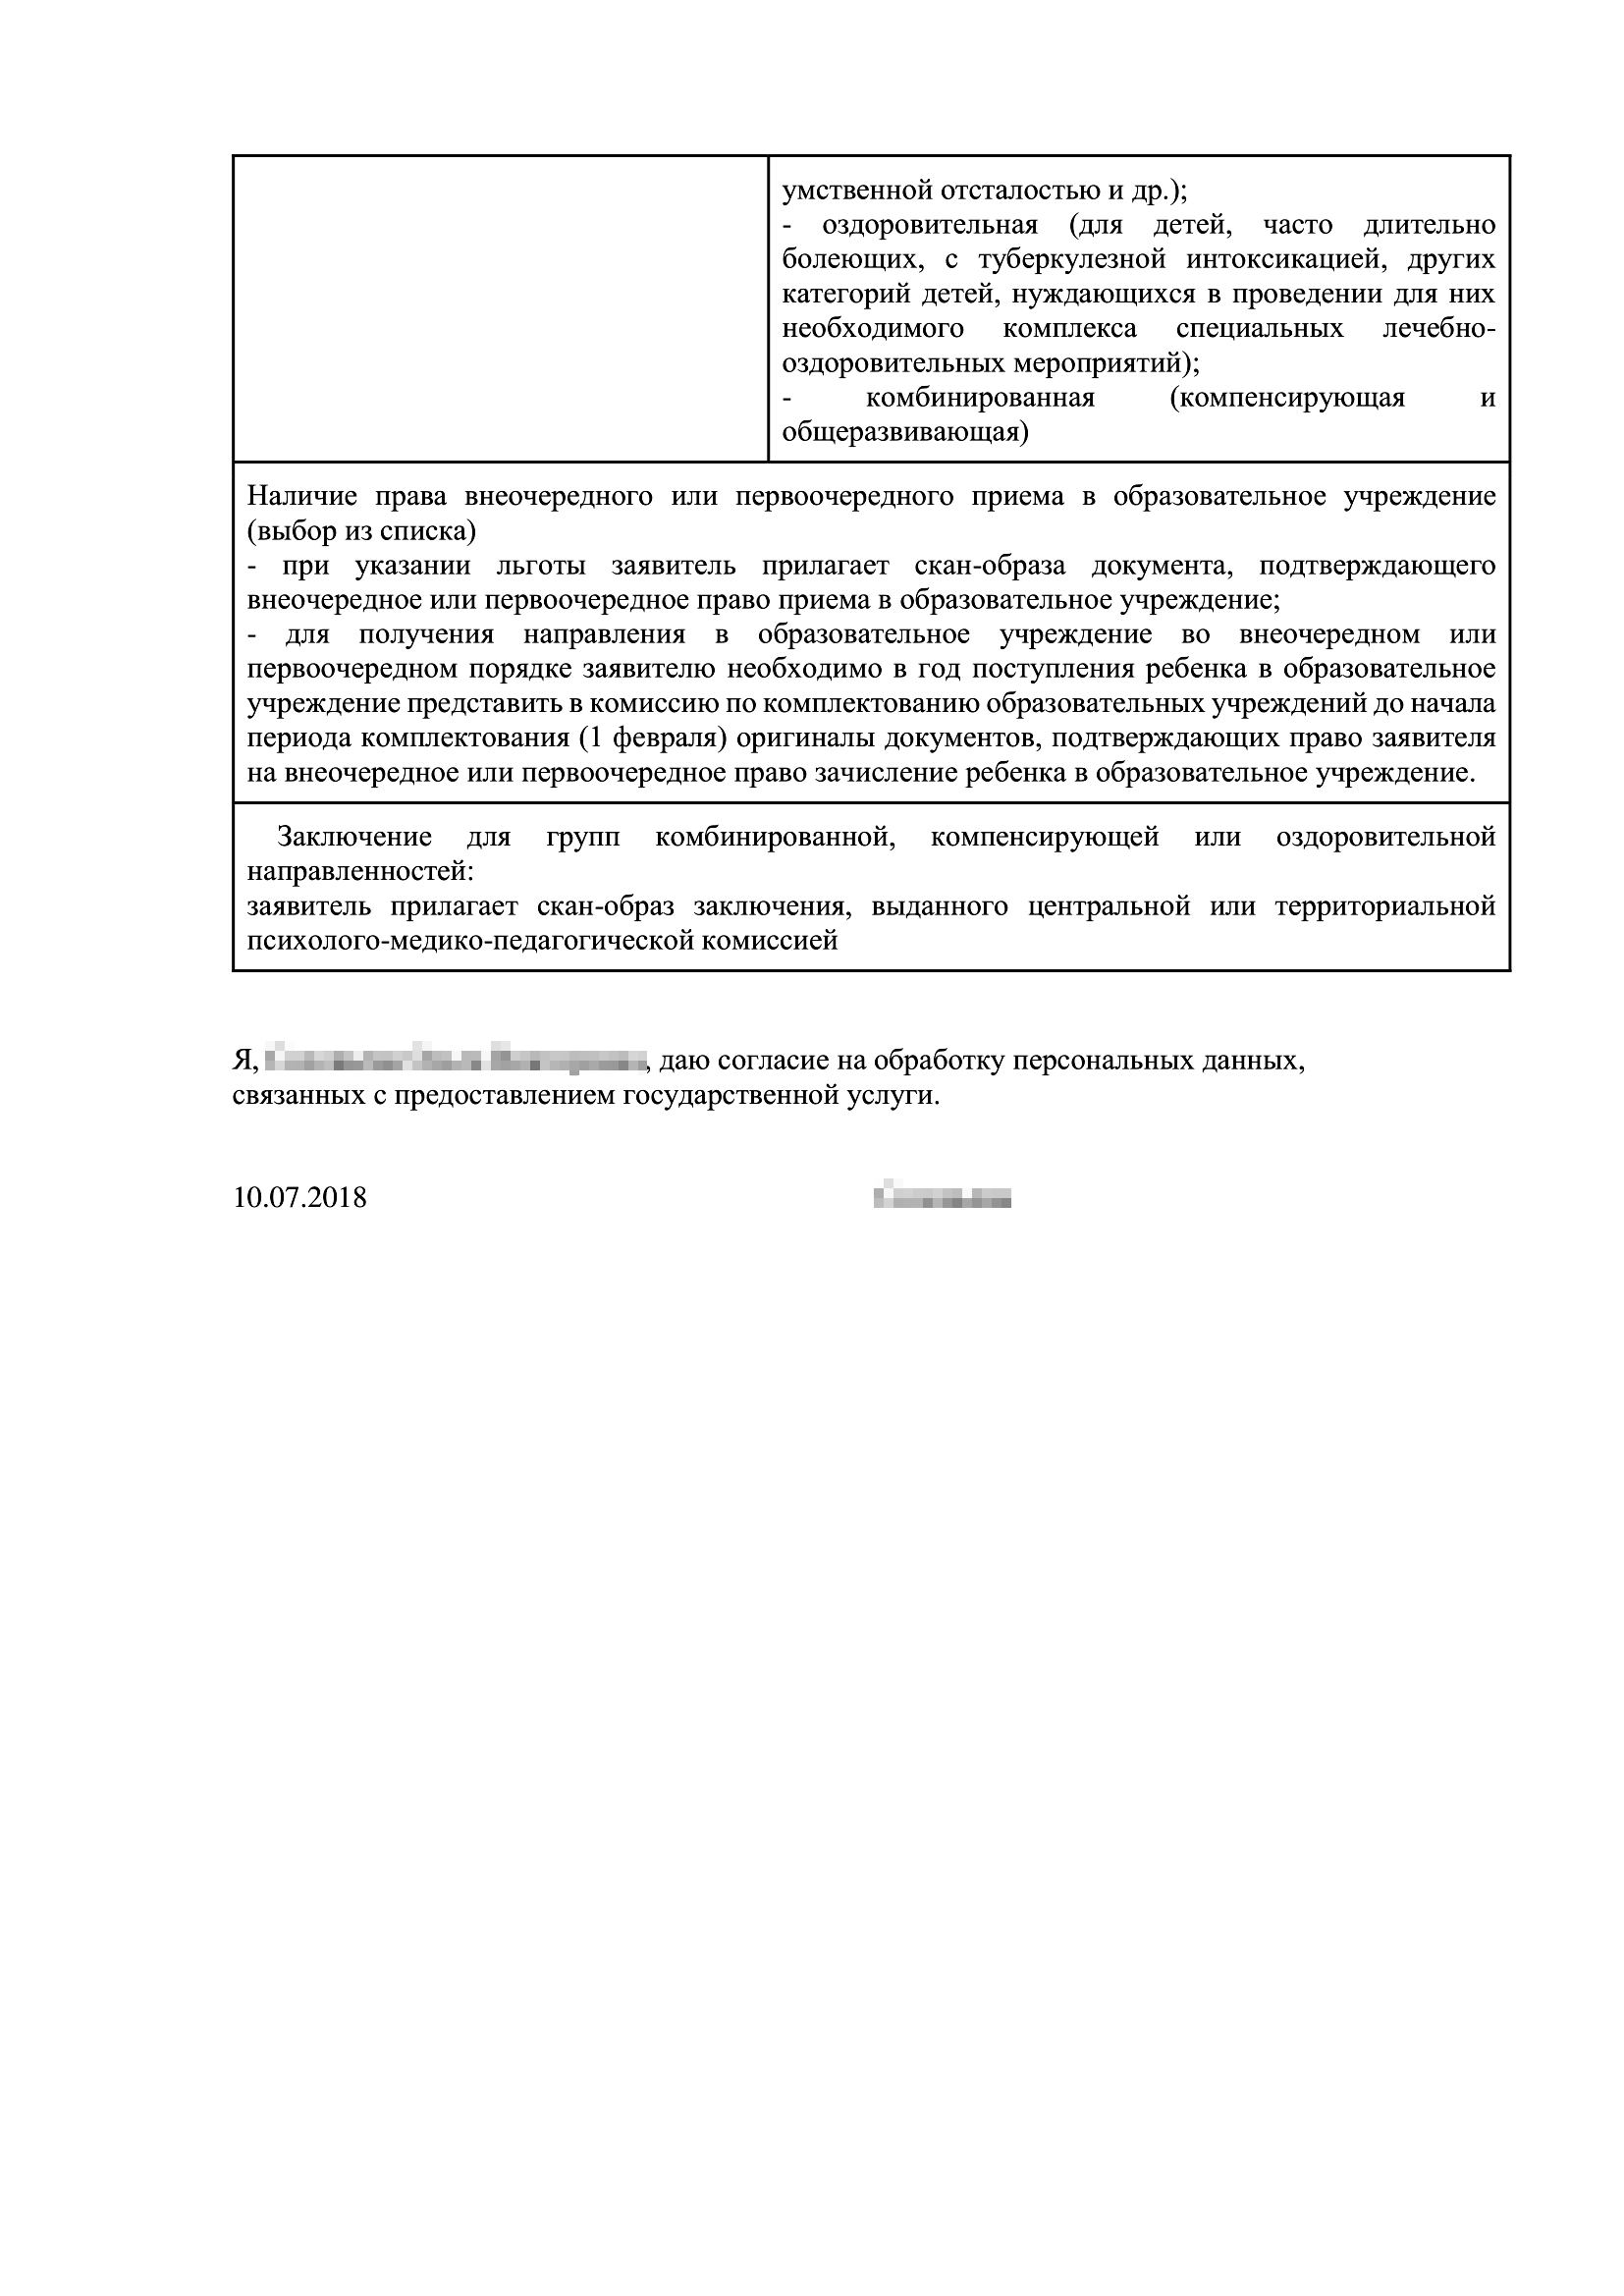 Георгий зубовский почетный адвокат россии